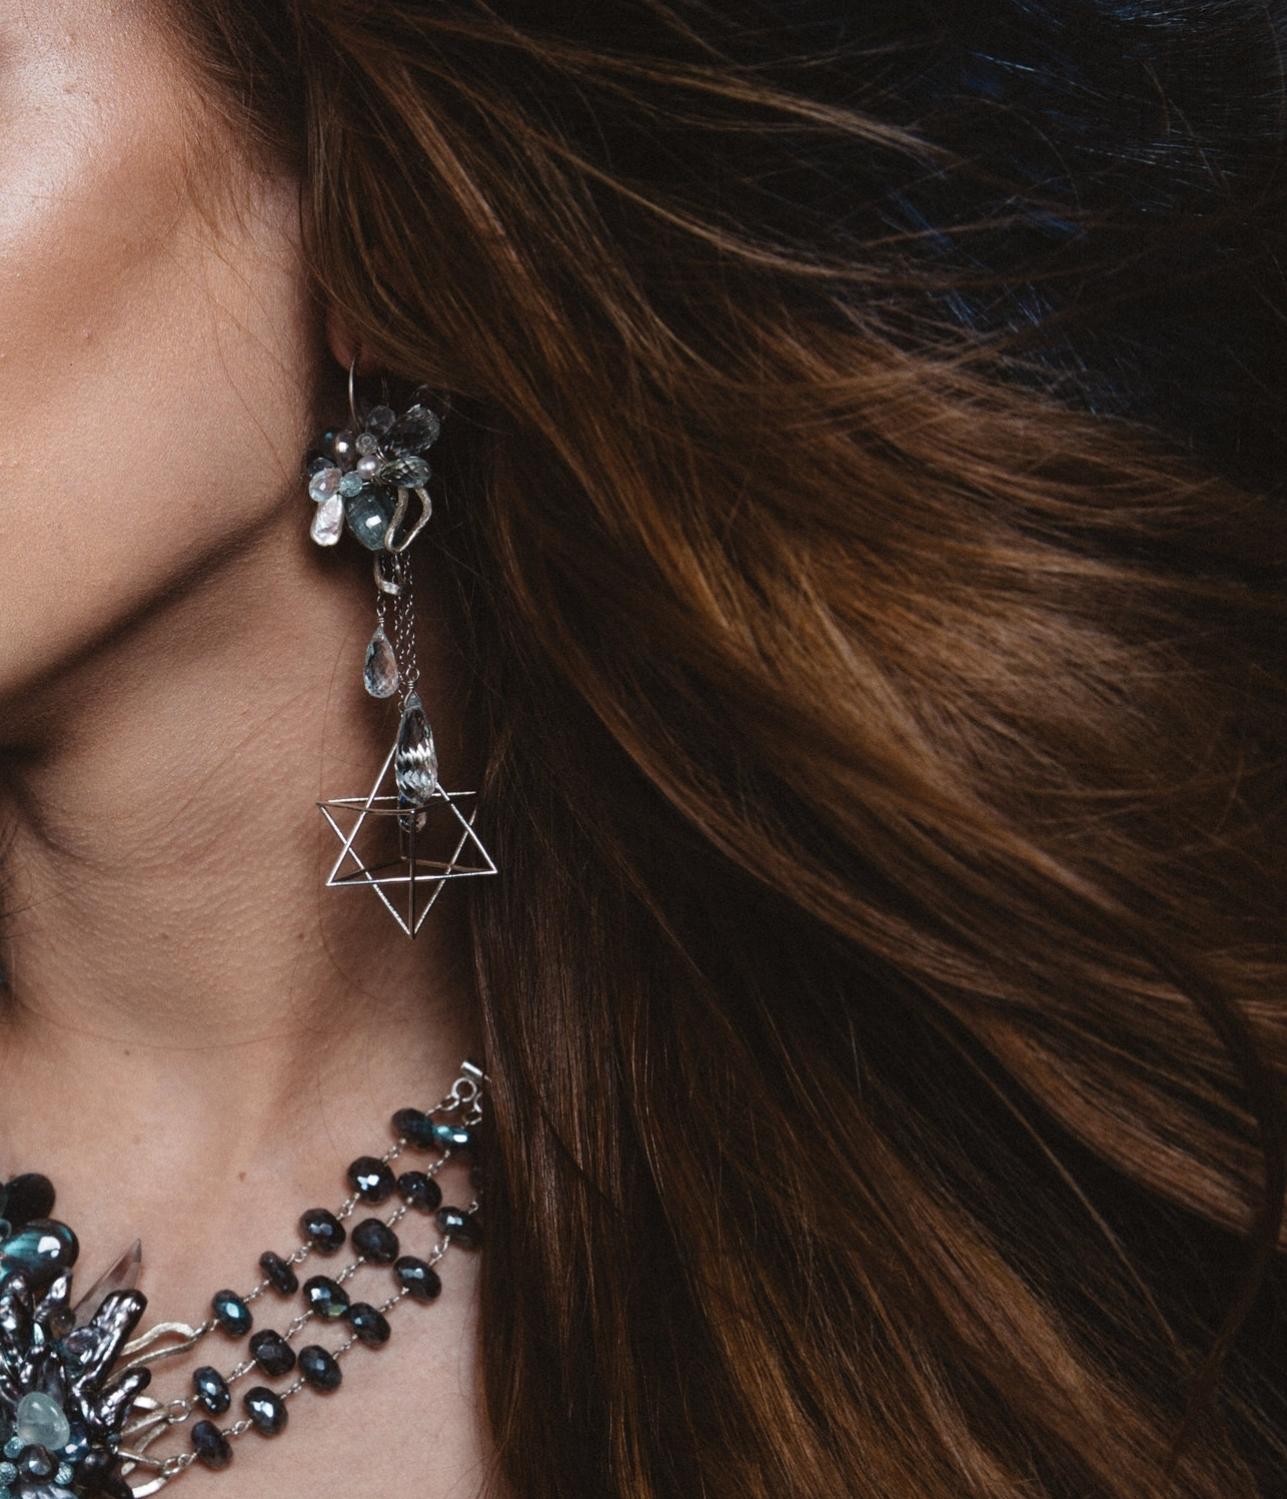 model wearing gemstone statement earring with 3D printed sterling silver merkabas